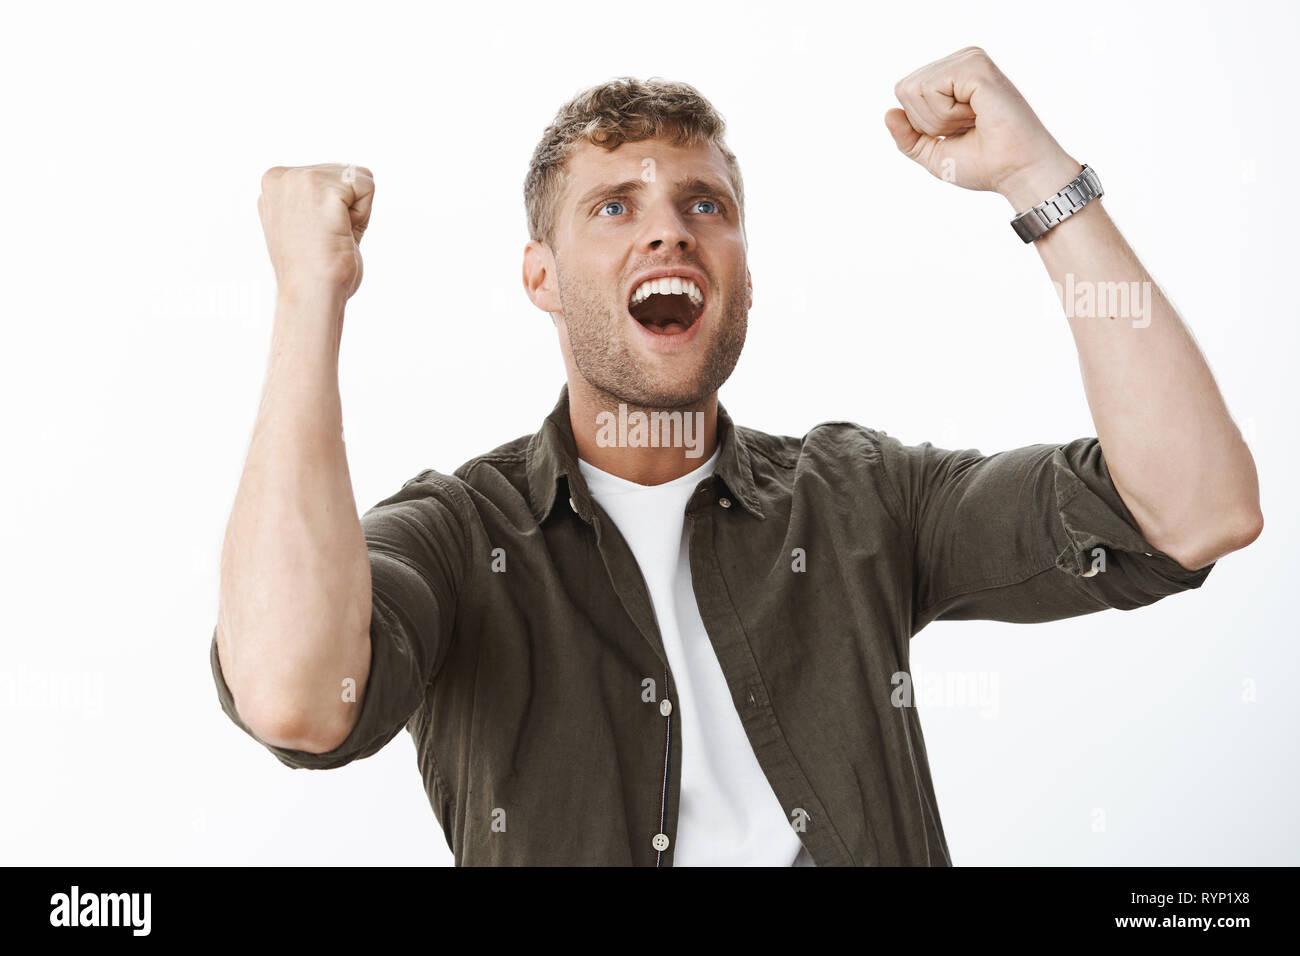 Emocionado y alegre, guapo con ojos azules y cabello rubio, mirando hacia la pantalla del televisor como vítores teniendo fe en el equipo levantando los puños apretados en Imagen De Stock